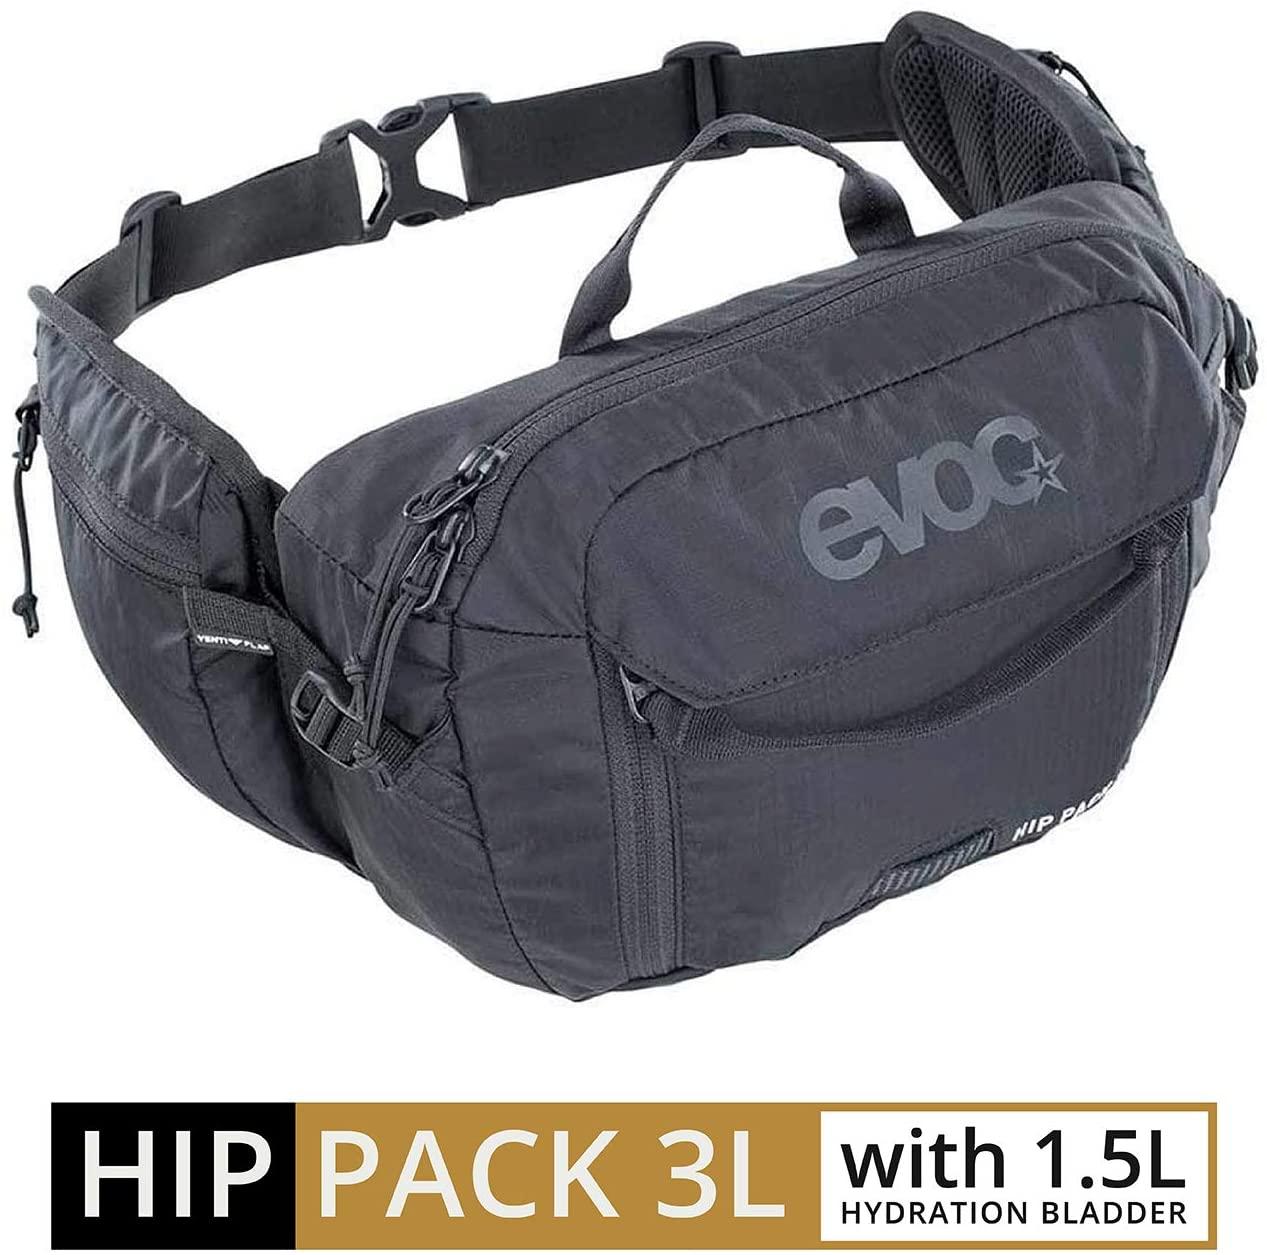 evoc Hip Pack 3L + 1.5L Bladder Hydration Pack